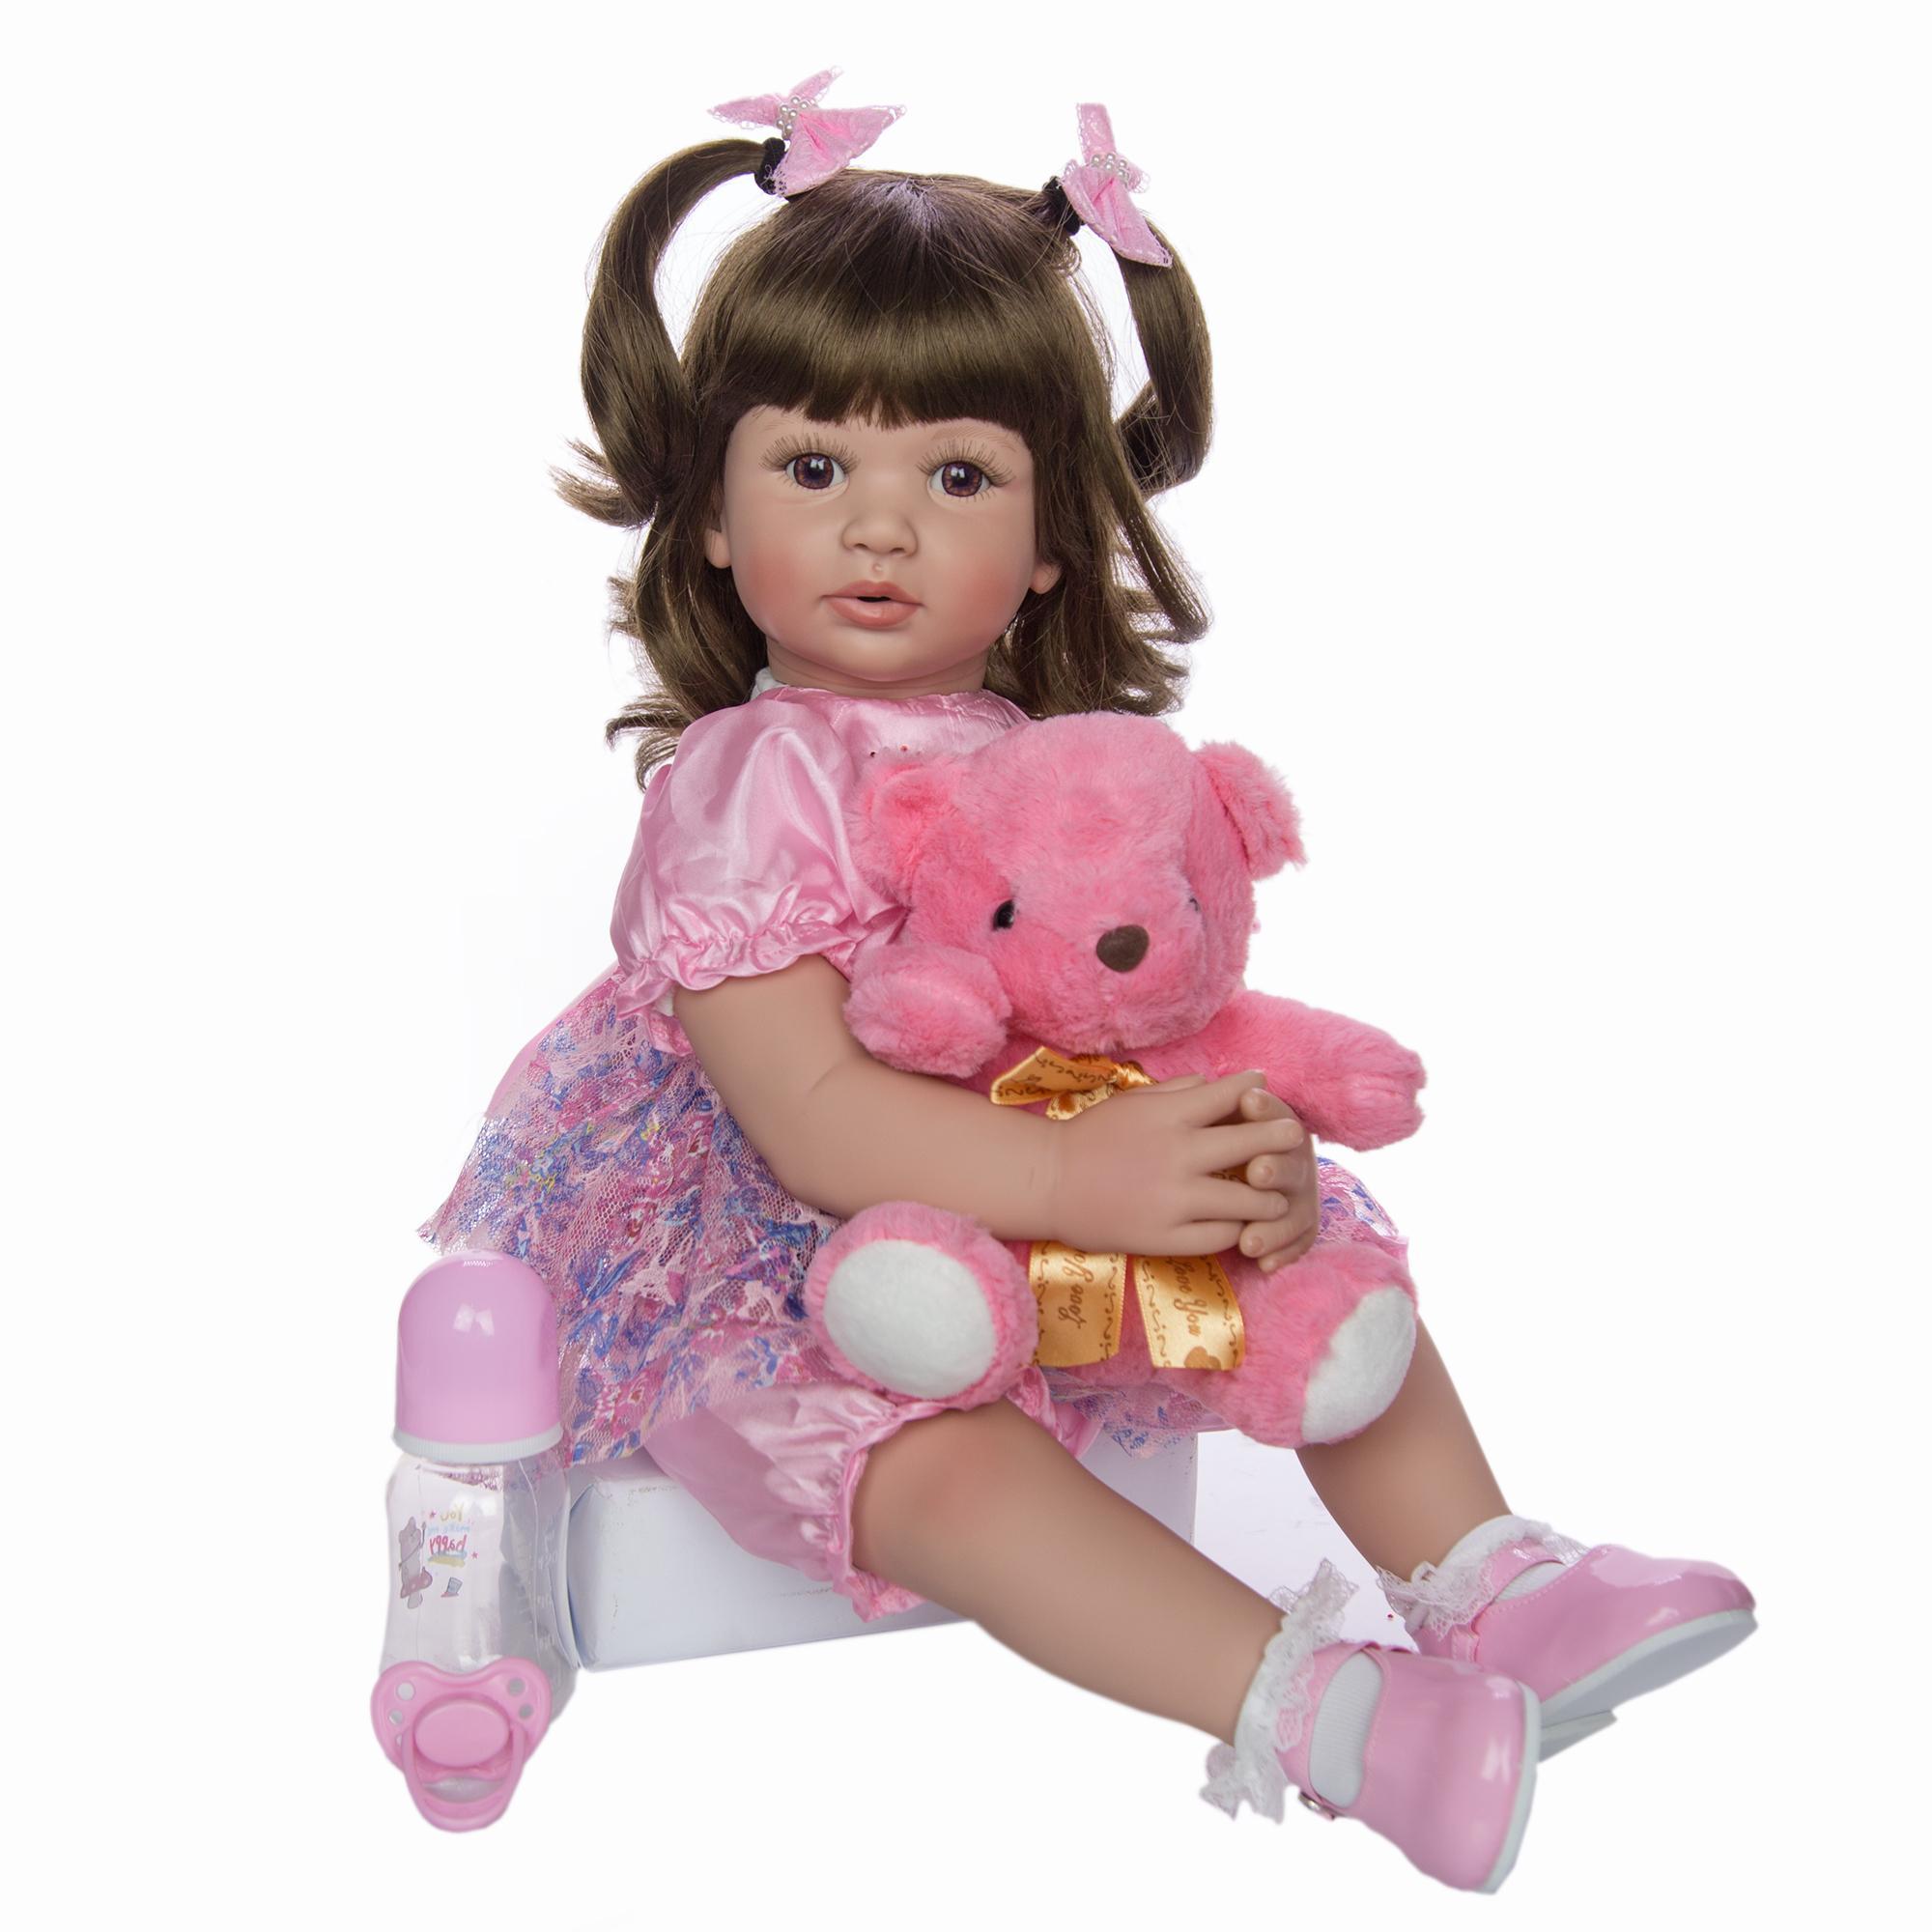 KEIUMI 24 بوصة دمى تولد من جديد 60cm قطعة قماش الجسم المولودة الرضع لعبة الأميرة Boneca دمية طفل للبيع طفل هدية عيد ميلاد جمع MX200414